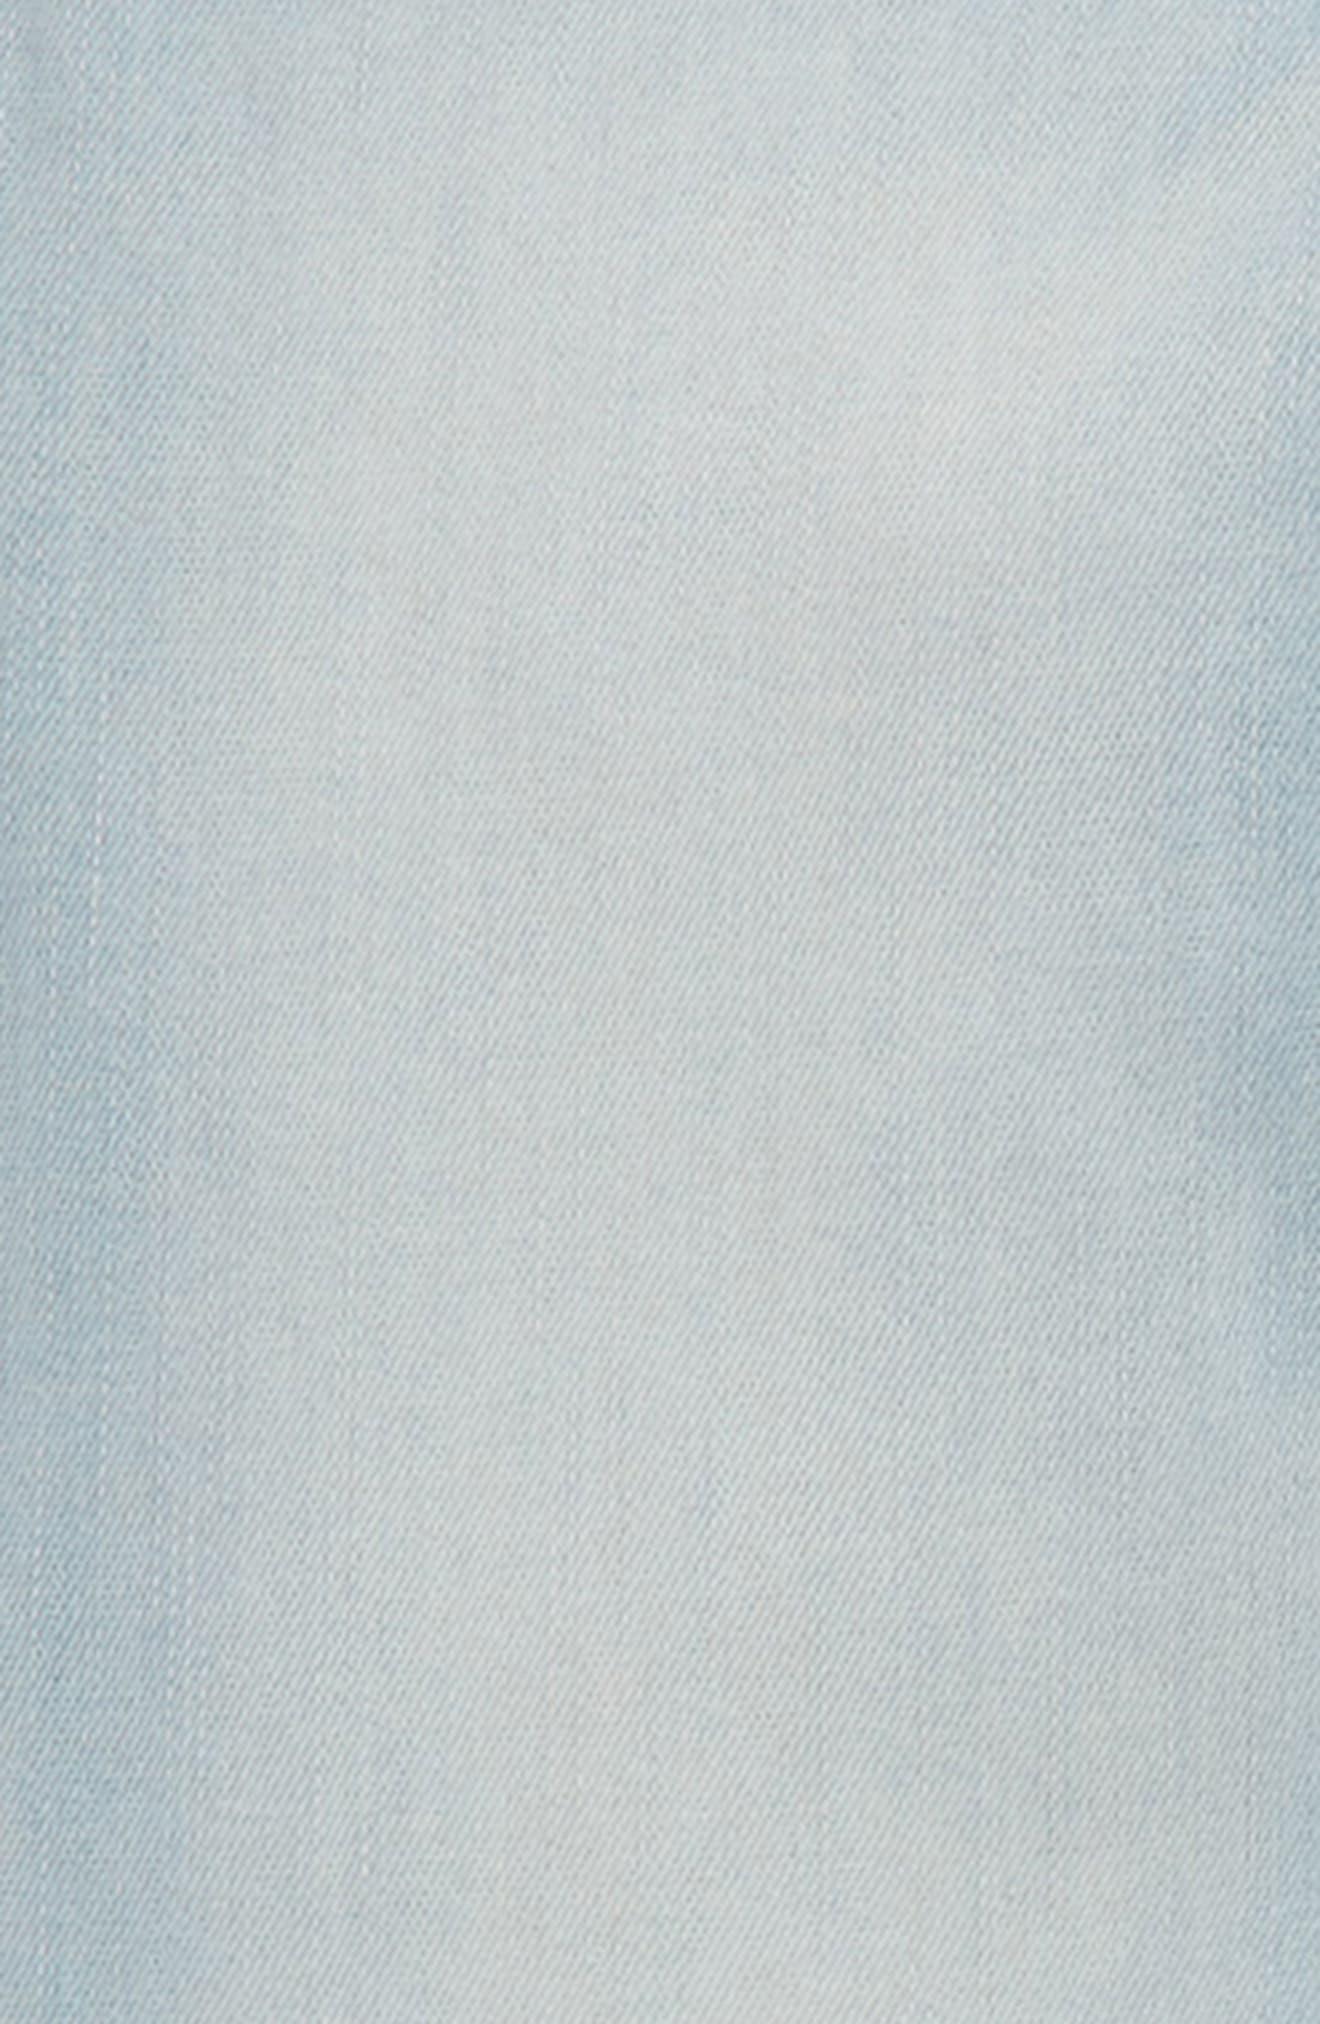 Crop Jeans,                             Alternate thumbnail 3, color,                             420